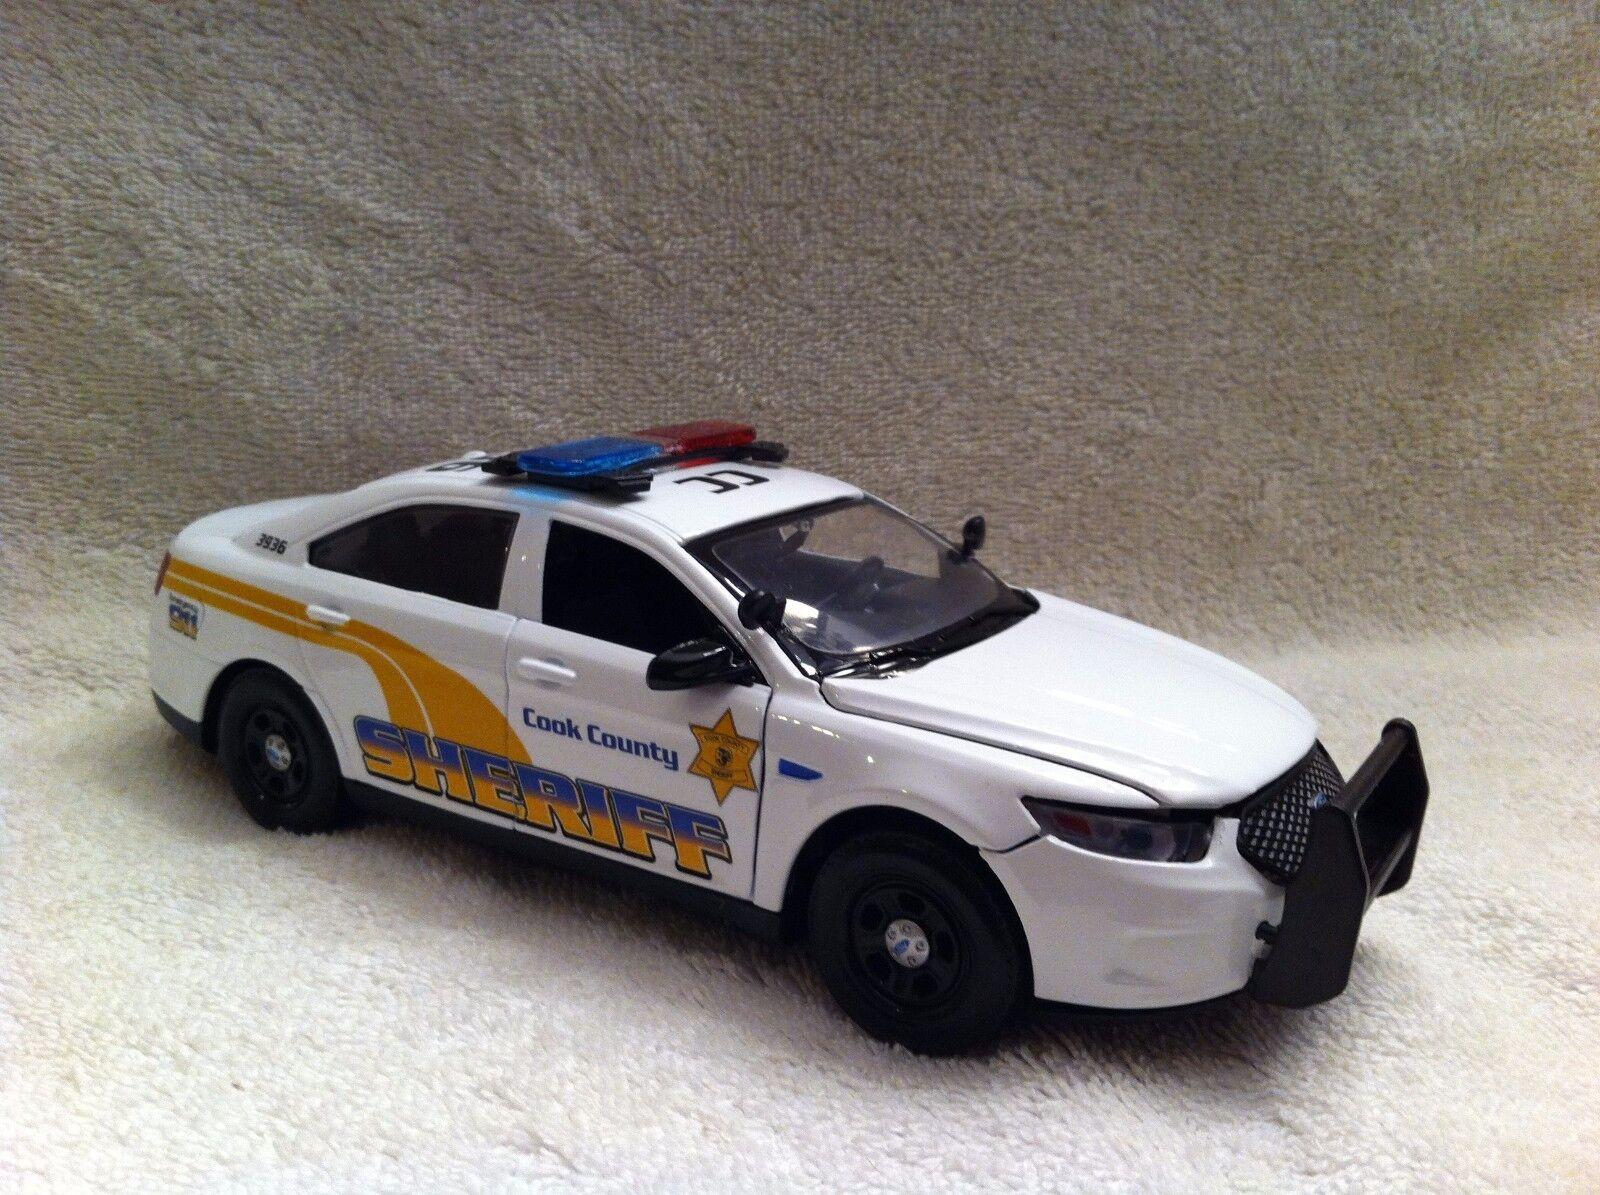 Cook County Sheriff mal escala 1 24 Diecast Modelo con luces de trabajo PD Sirena